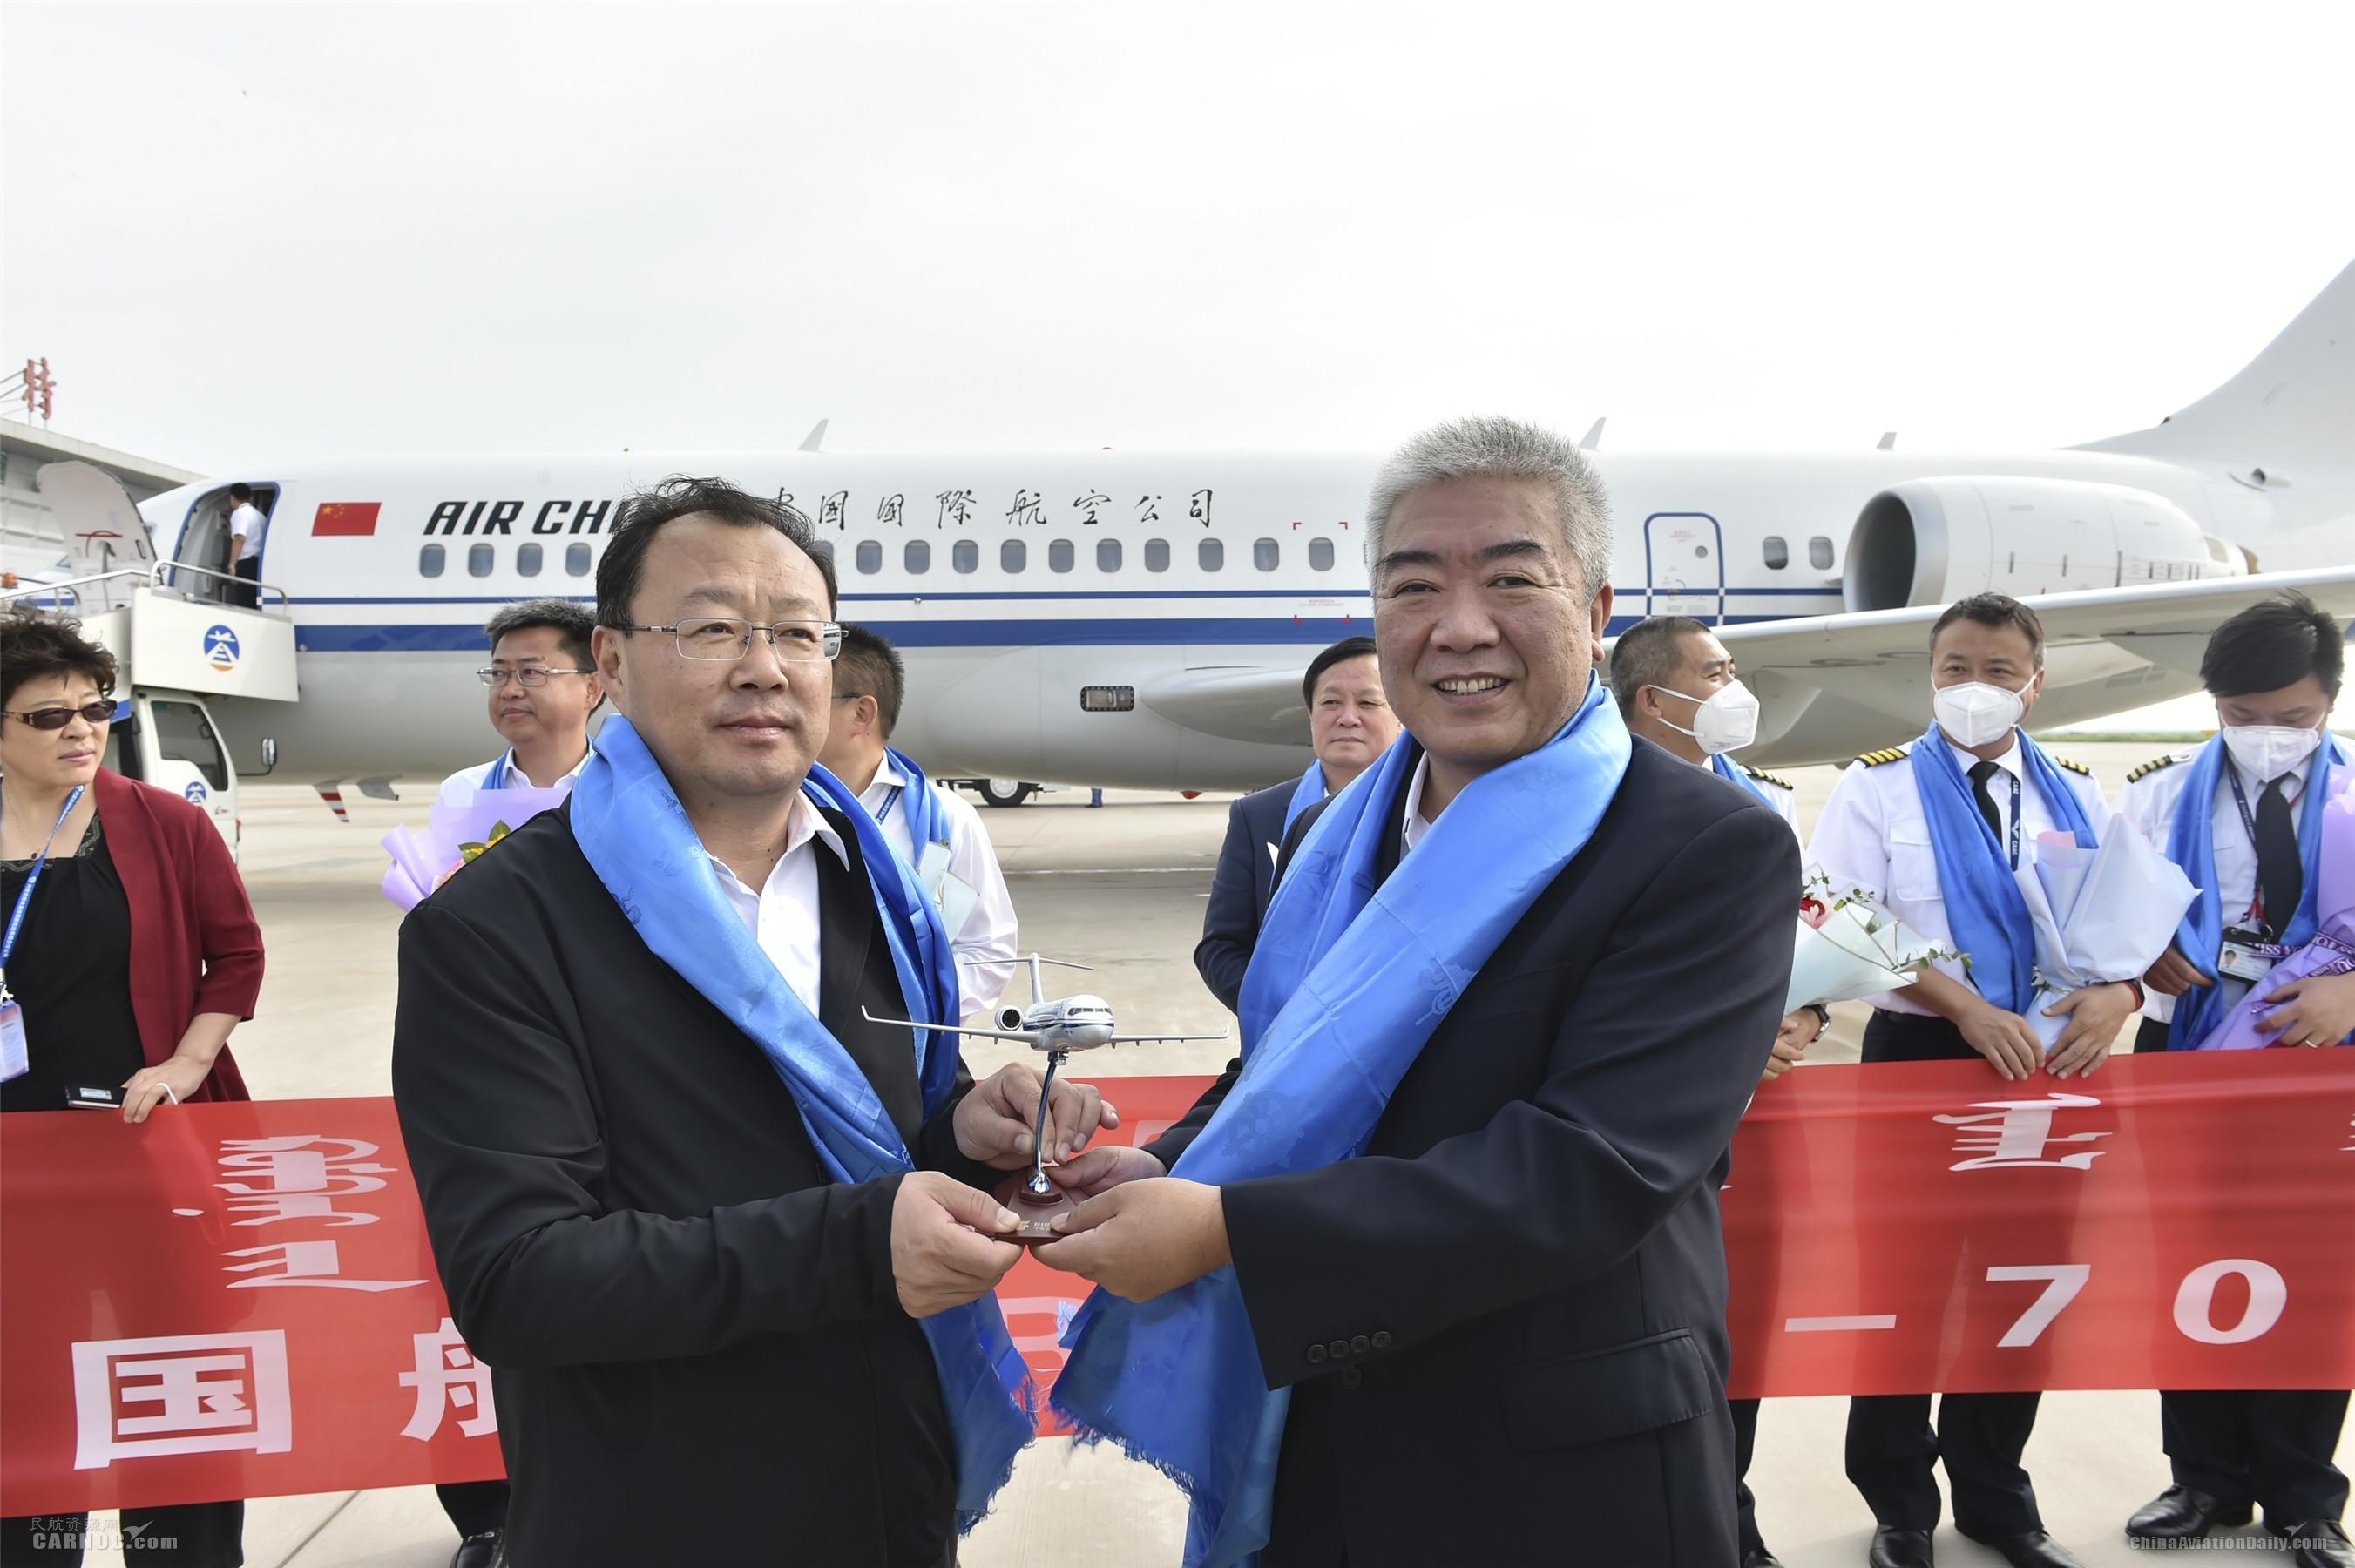 7.国航副总裁柴维玺代表国航向锡林郭勒盟盟委副书记、盟长霍照良赠送国航ARJ21飞机定制版机模。吕俊杰摄